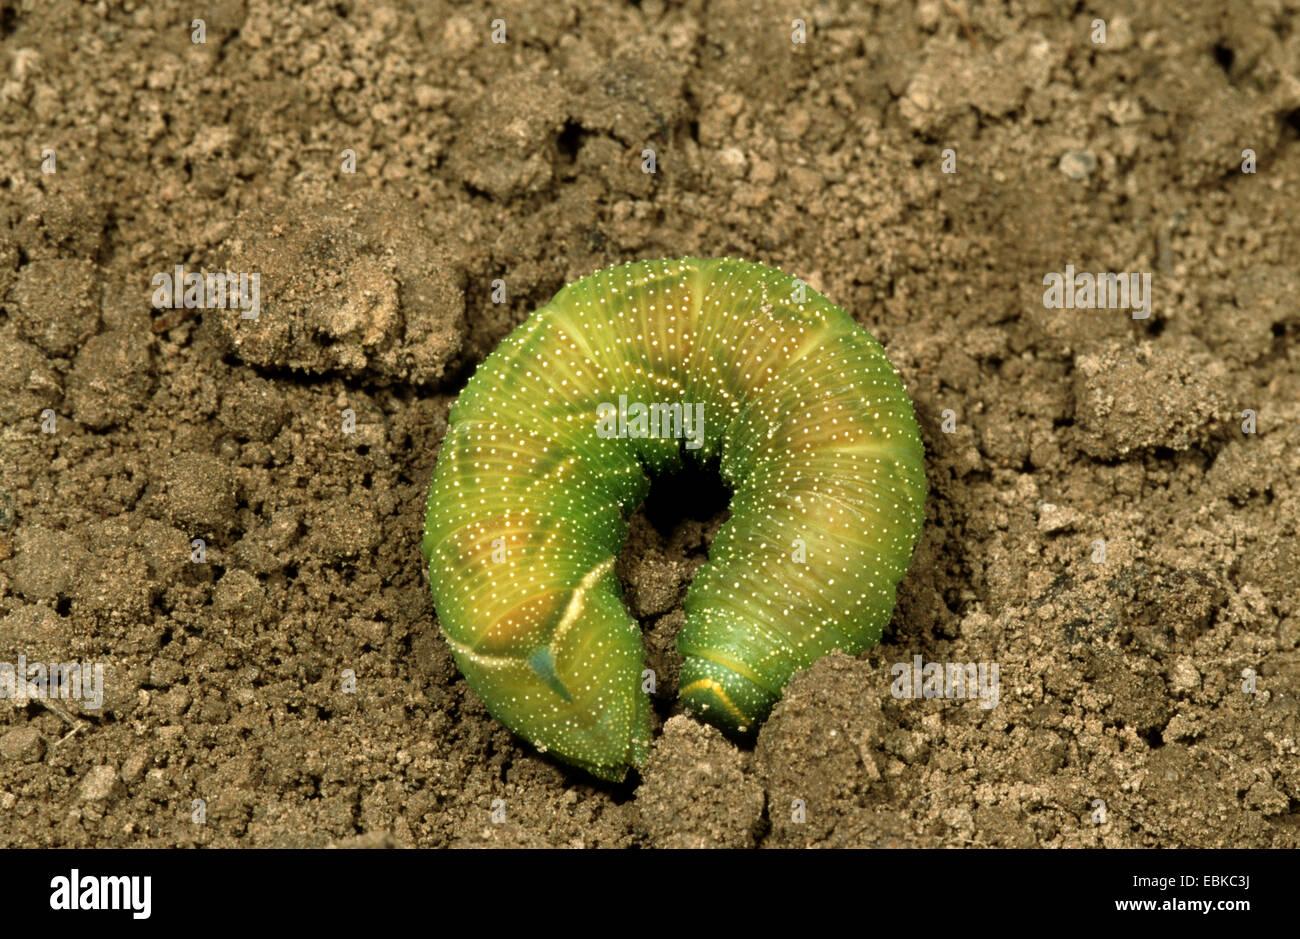 Eyed hawkmoth (Smerinthus ocellata), Caterpillar cavando para pupating, Alemania Foto de stock